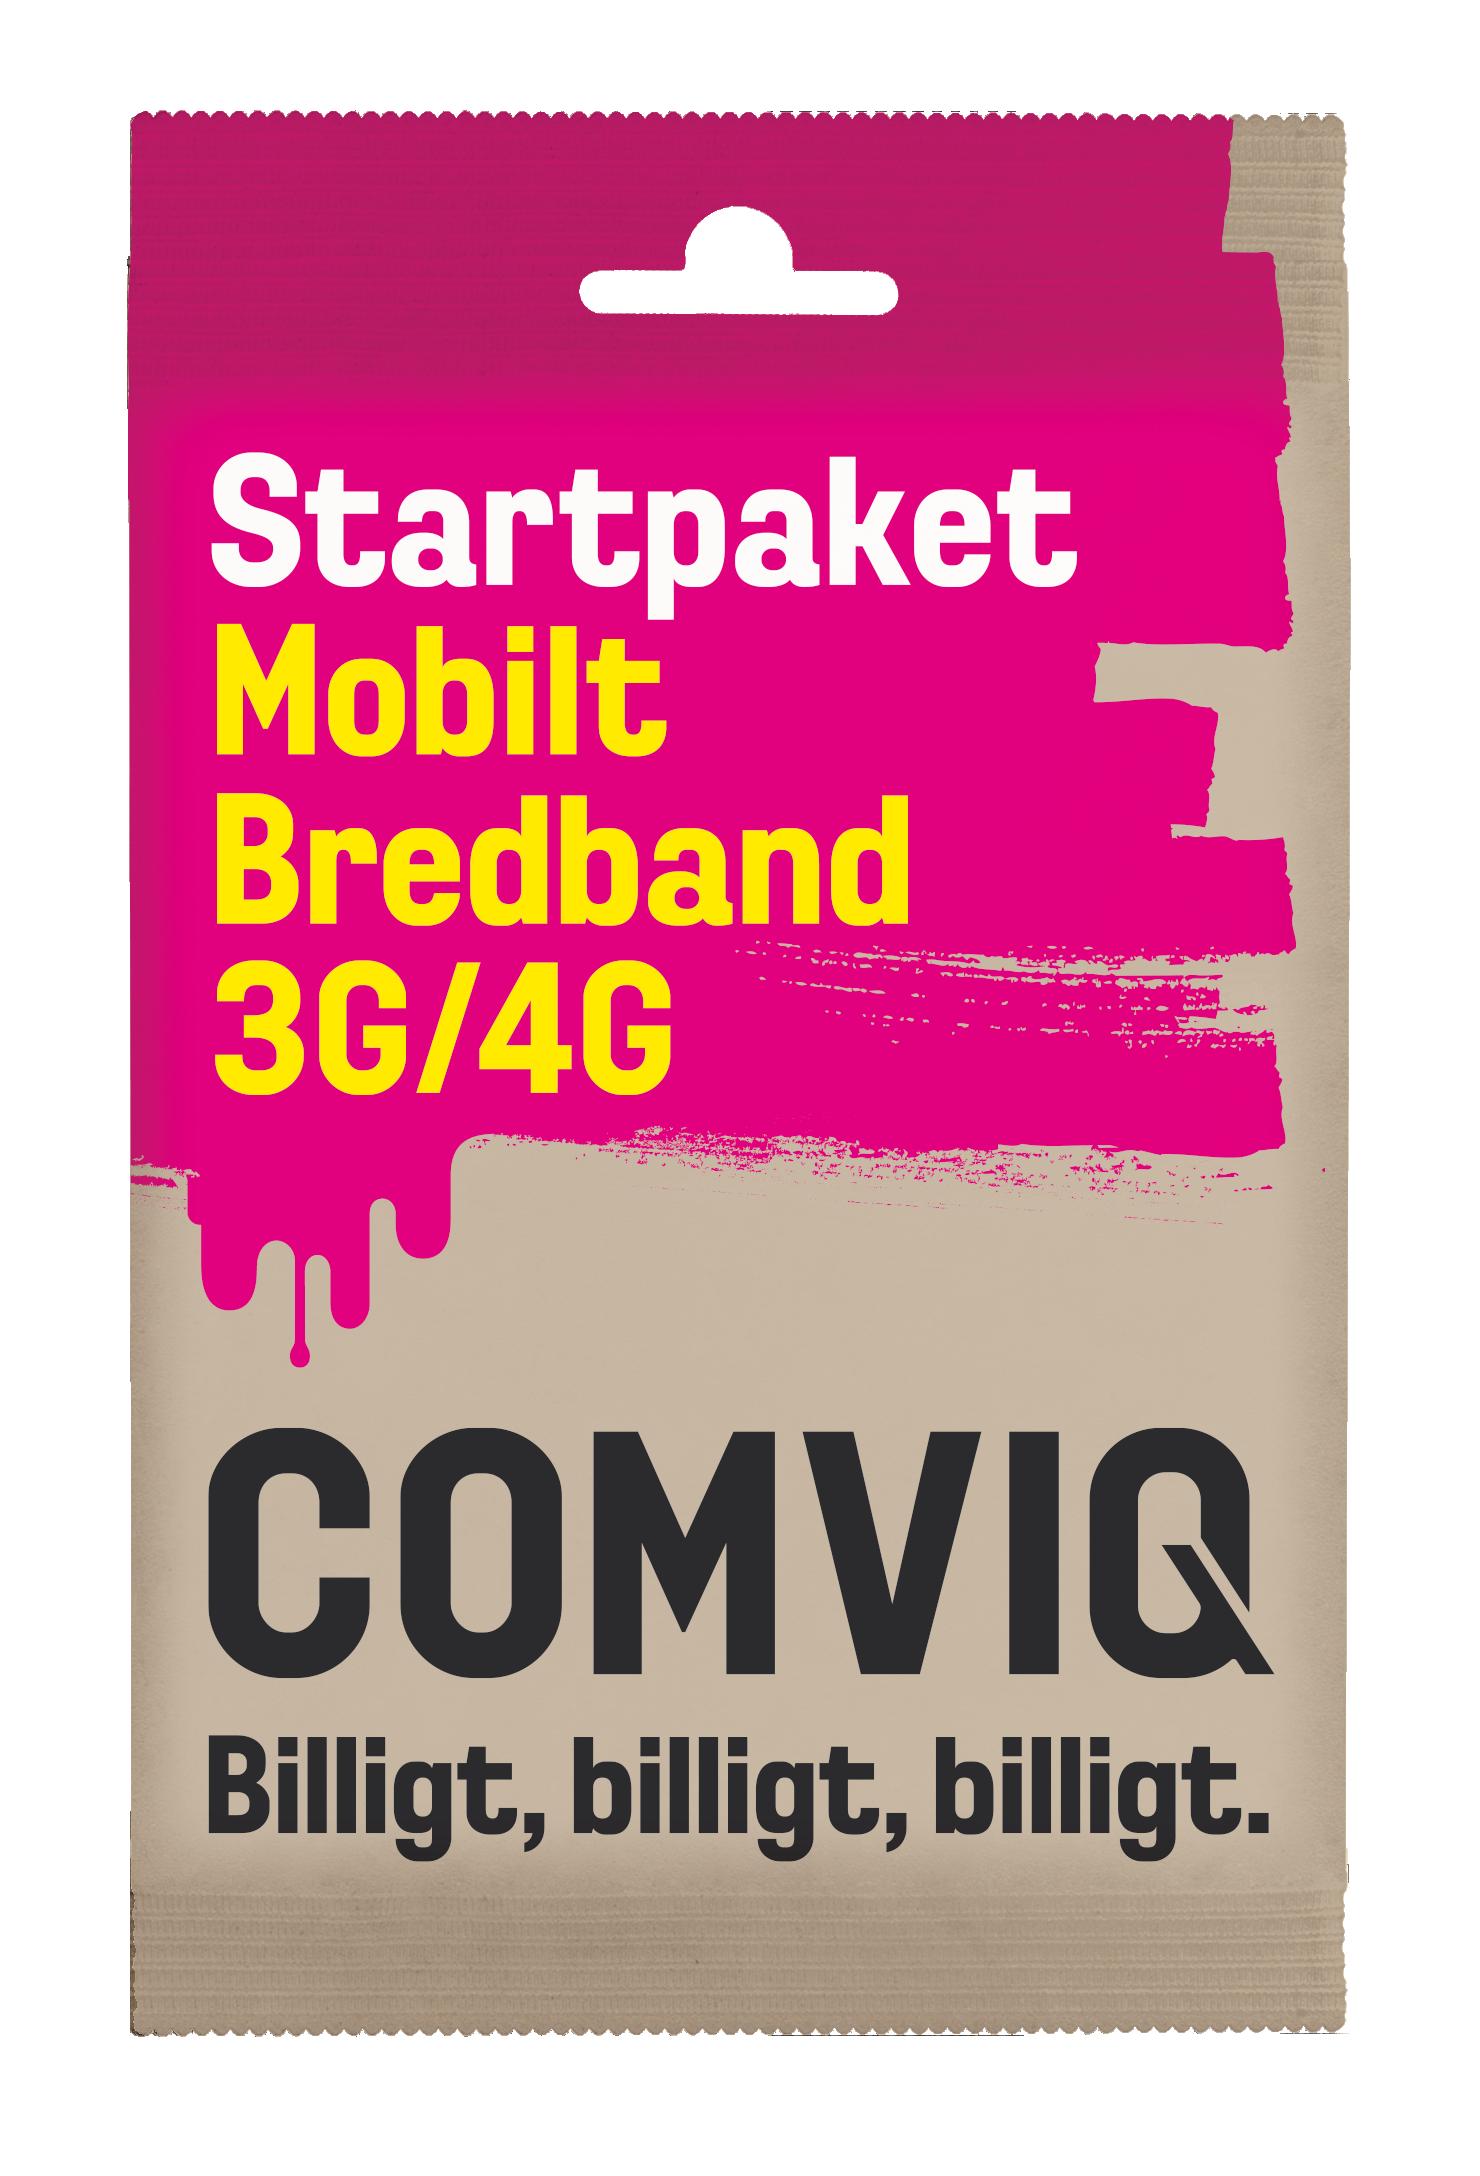 comviq mobilt bredband startpaket comviq